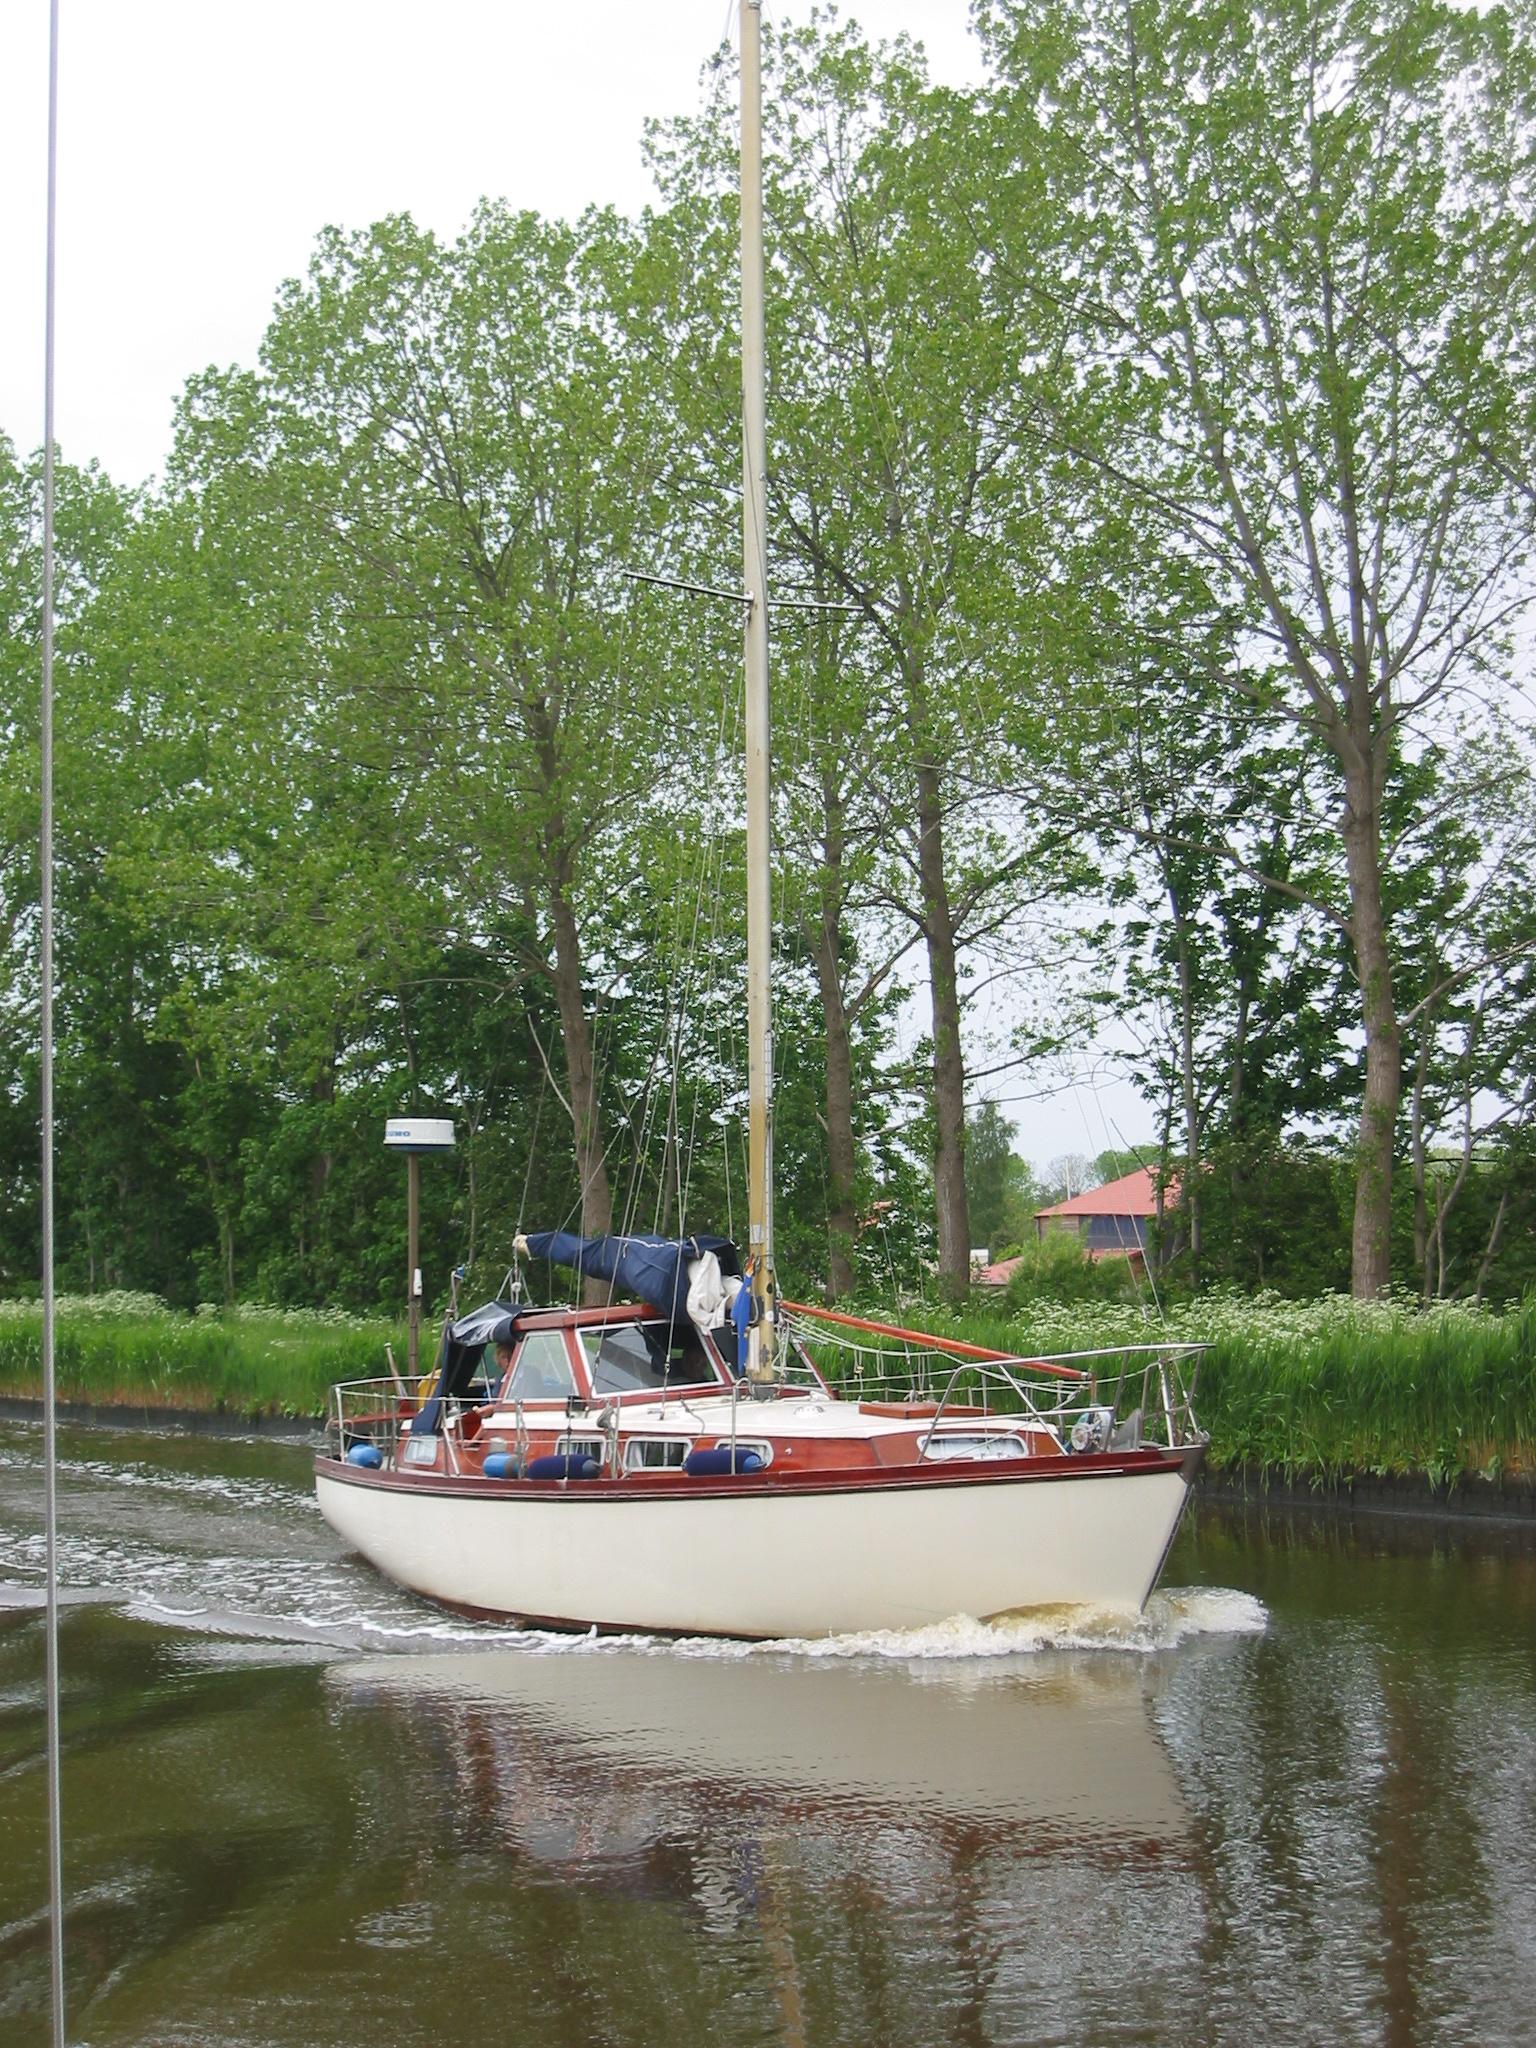 154 Jaap en Mus